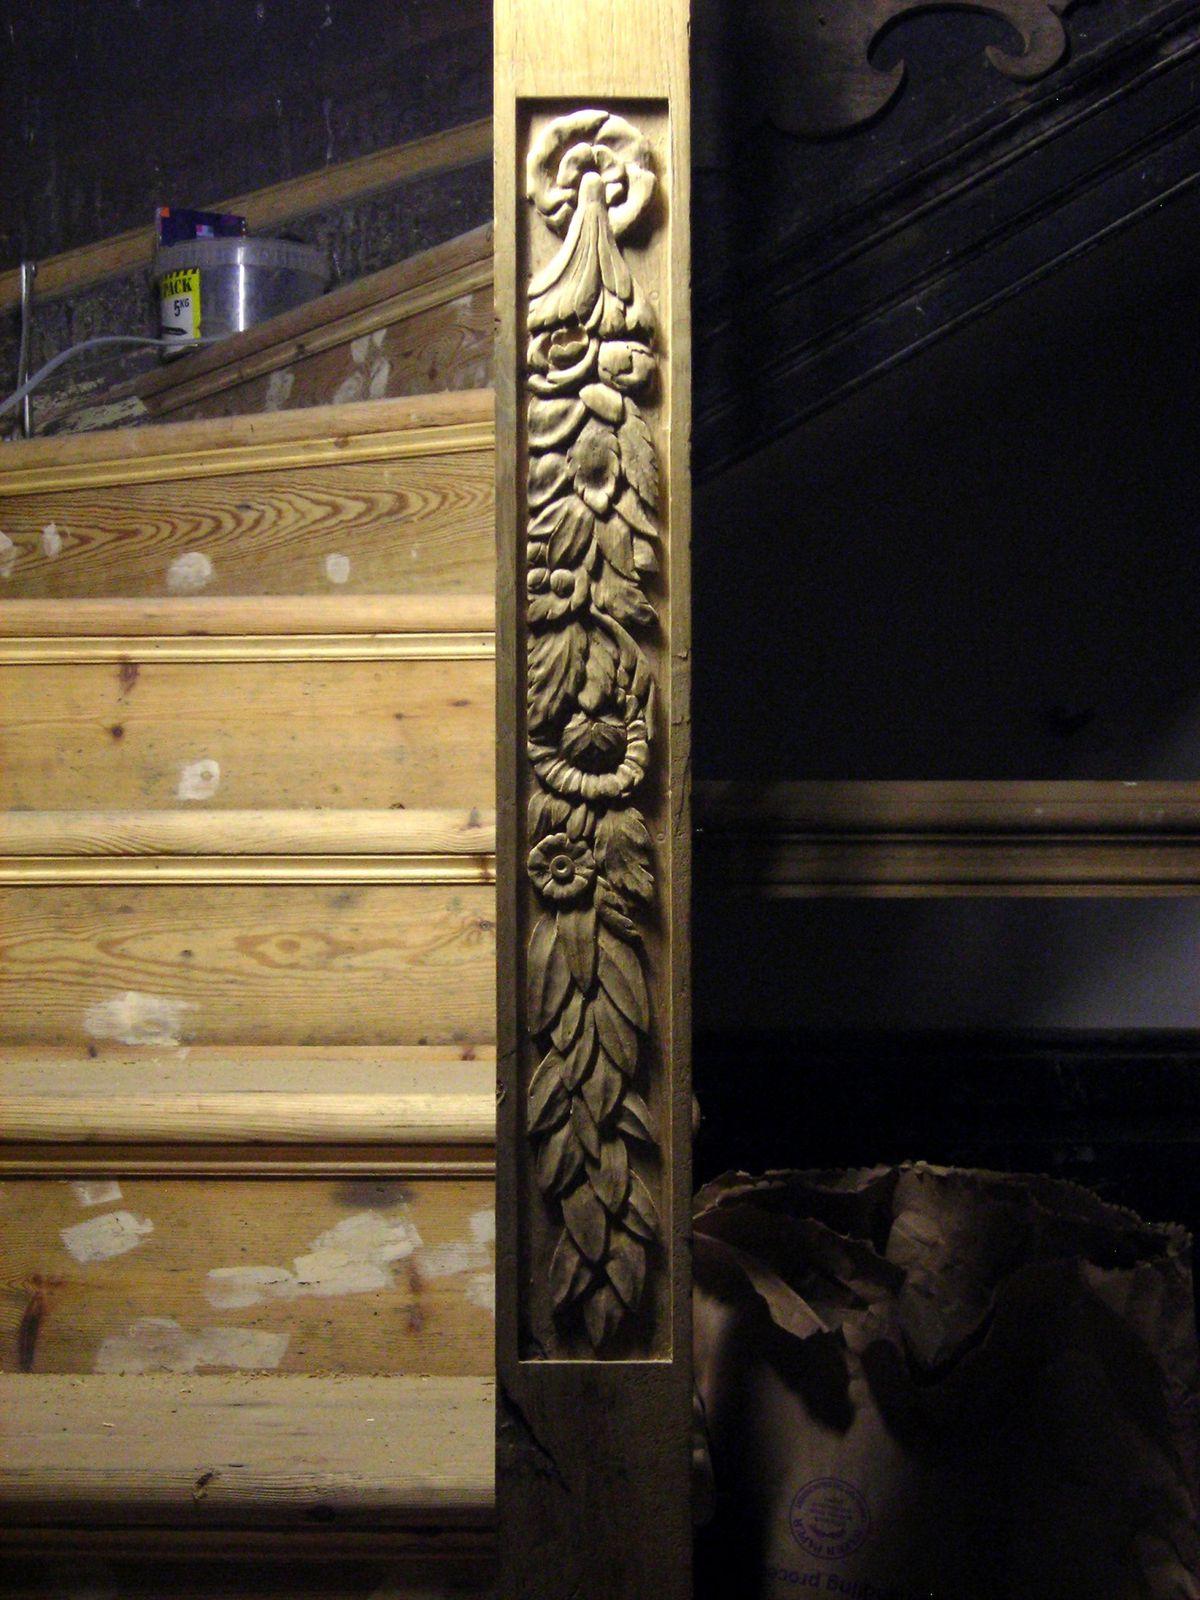 Les montants, un motif inspiré d'un escalier de style Jacobin.